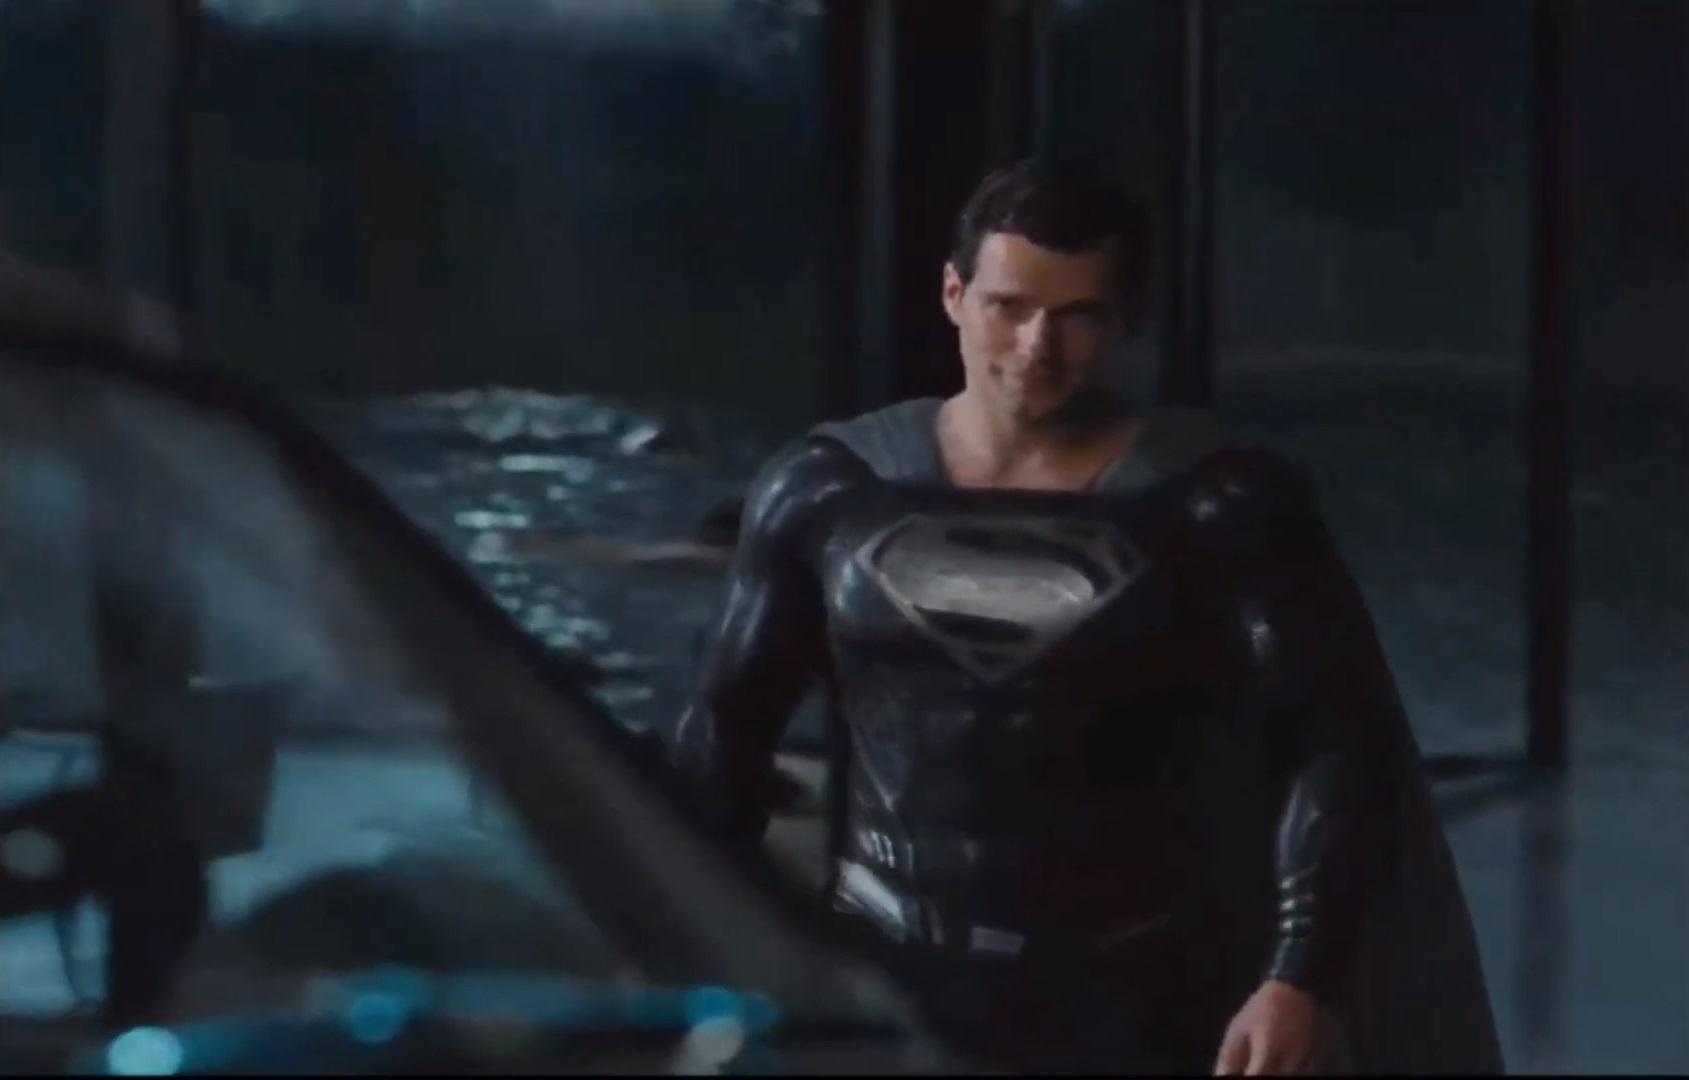 Генри Кавилл в черном. Отрывок режиссерской версии «Лиги справедливости» с новым костюмом Супермена